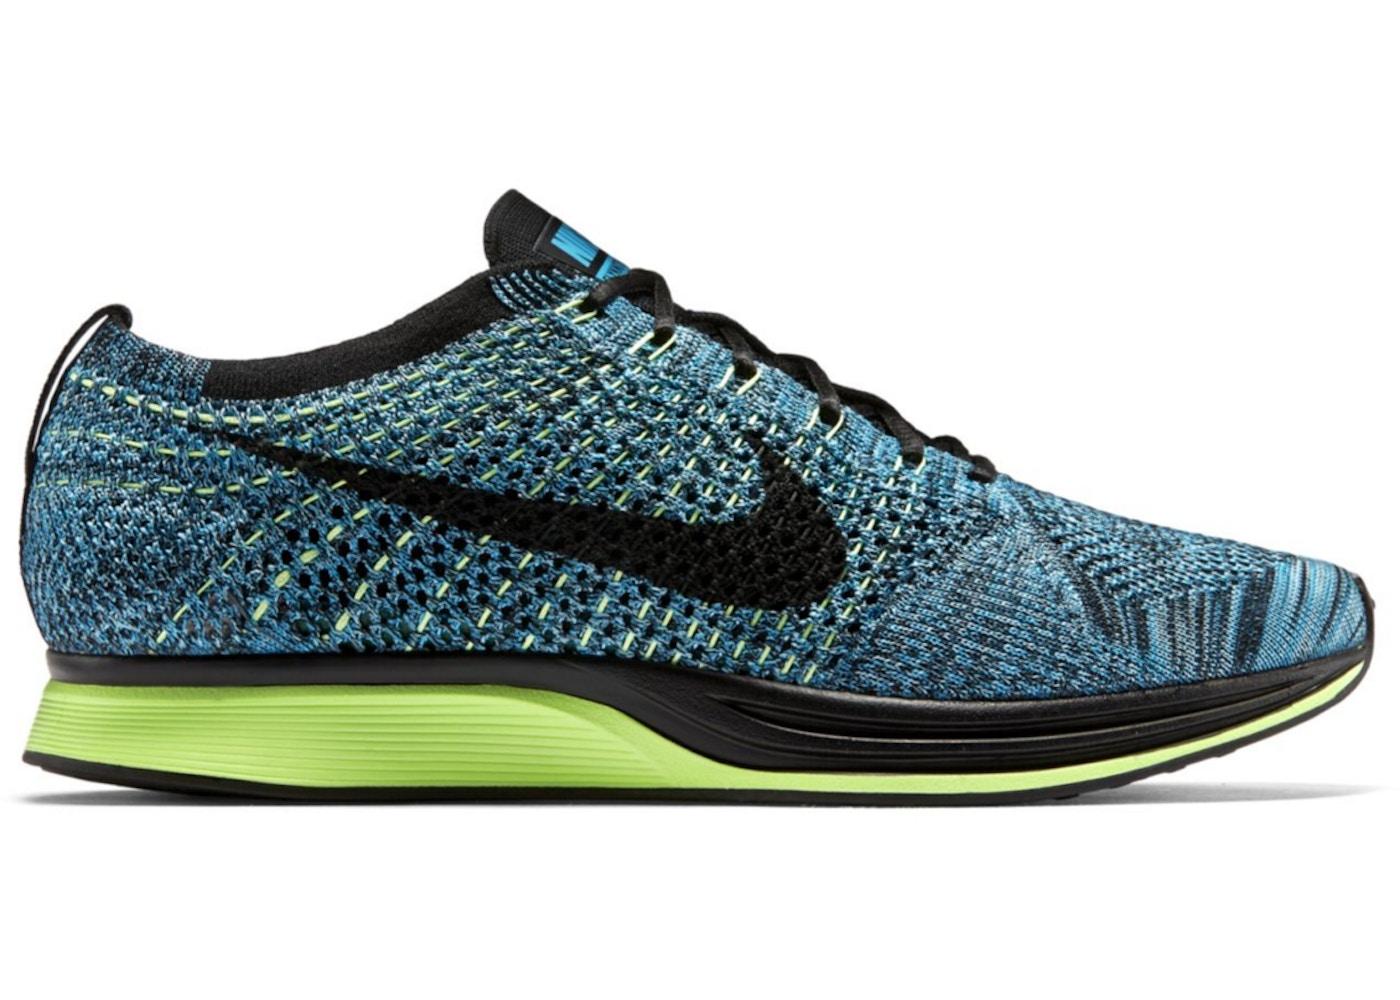 12107f08f545 Nike Flyknit Racer Blue Gecko - 526628-401